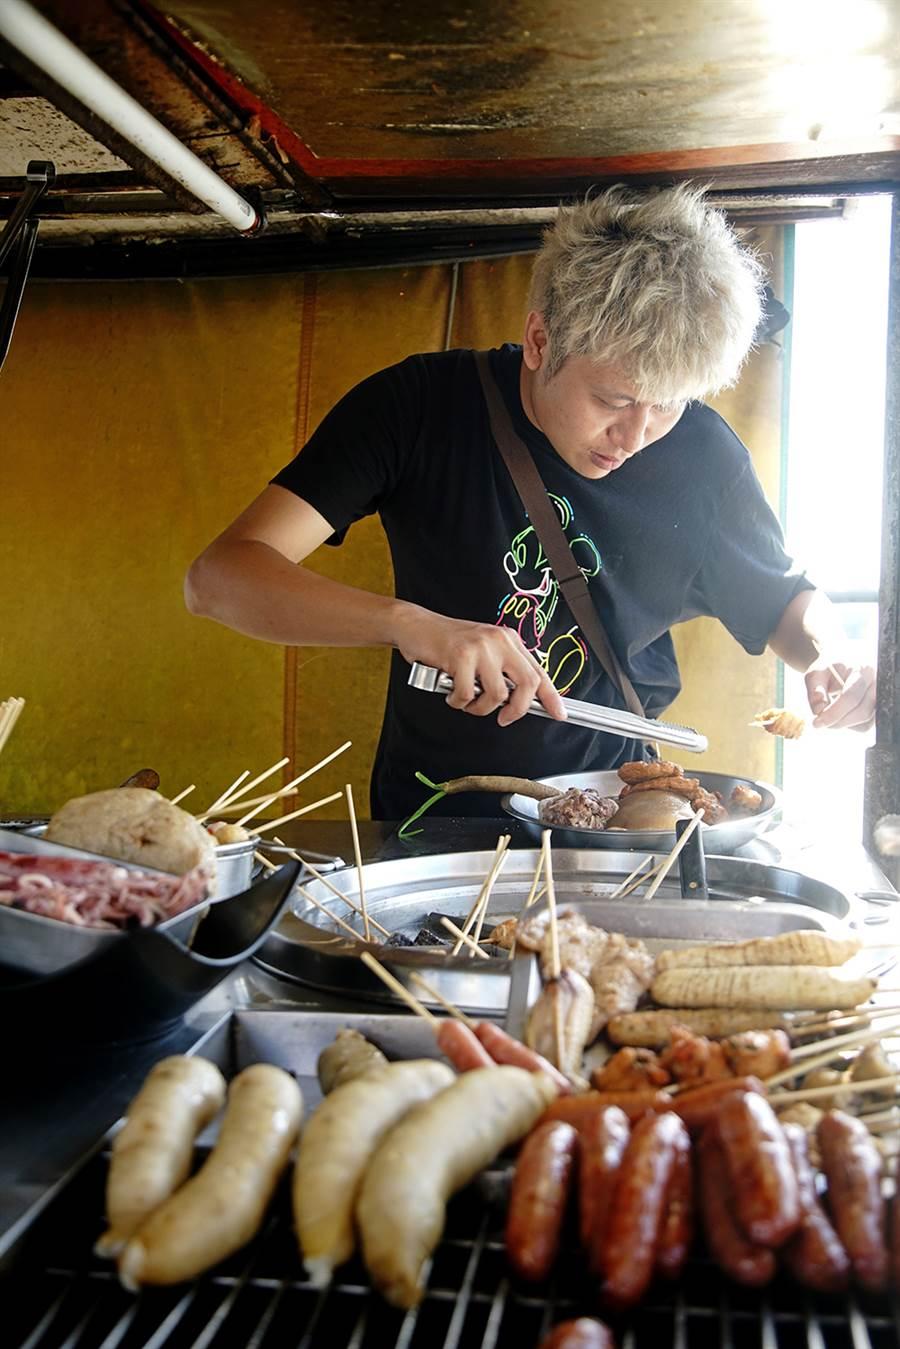 老闆手工自製的古早味正大腸、香腸,是當地人從小吃到大的庶民小吃。(攝影/曾信耀)